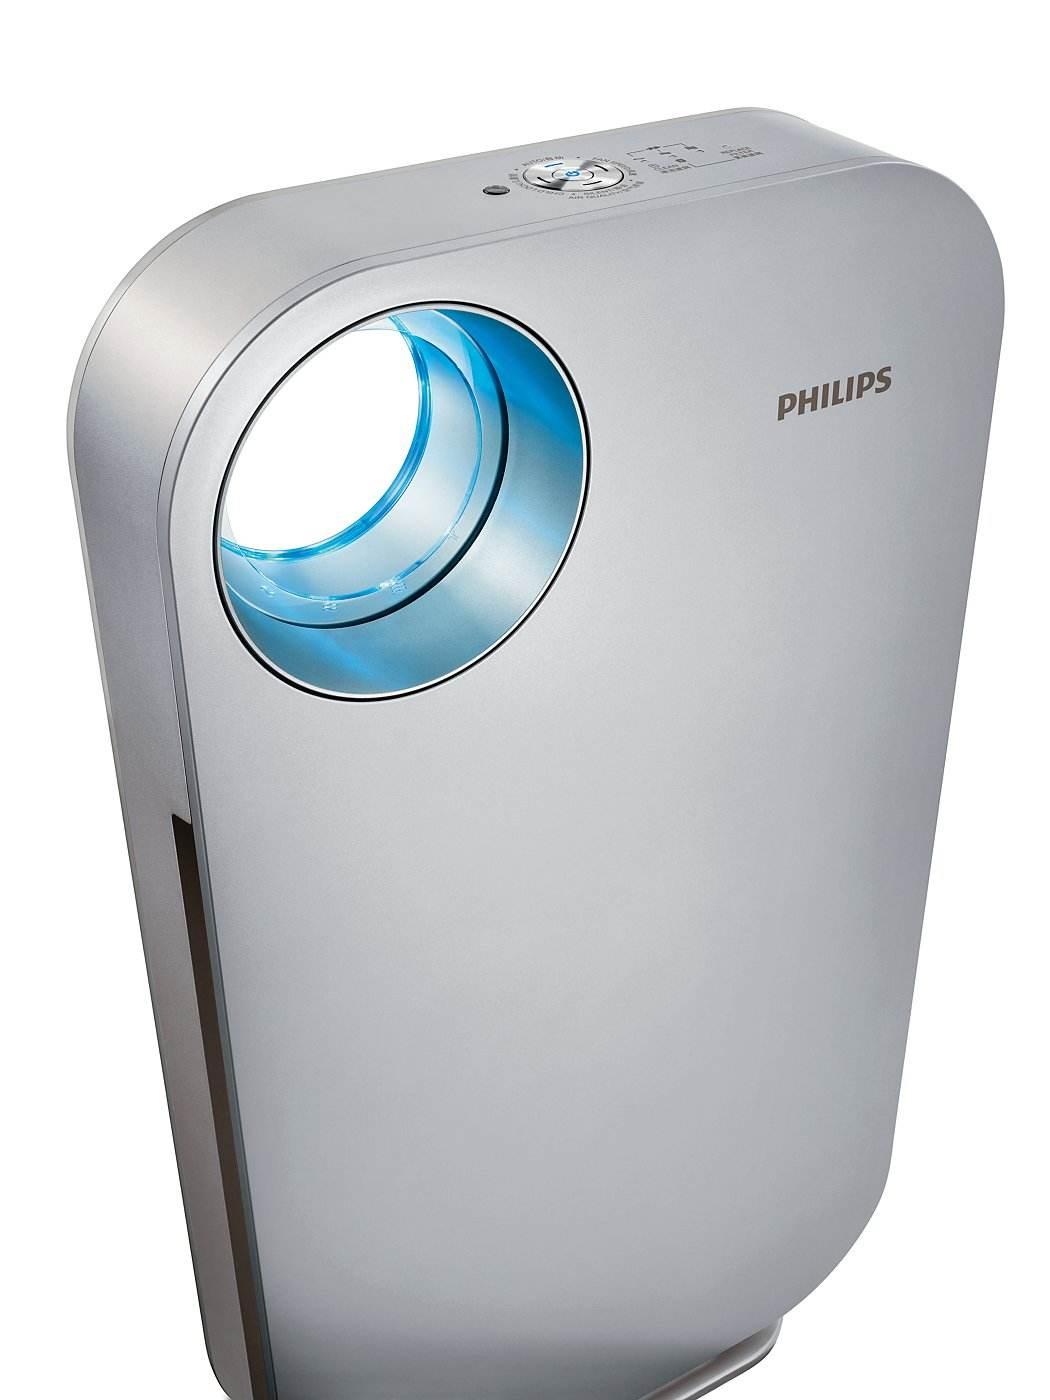 飞利浦空气净化器多少钱—飞利浦空气净化器贵吗